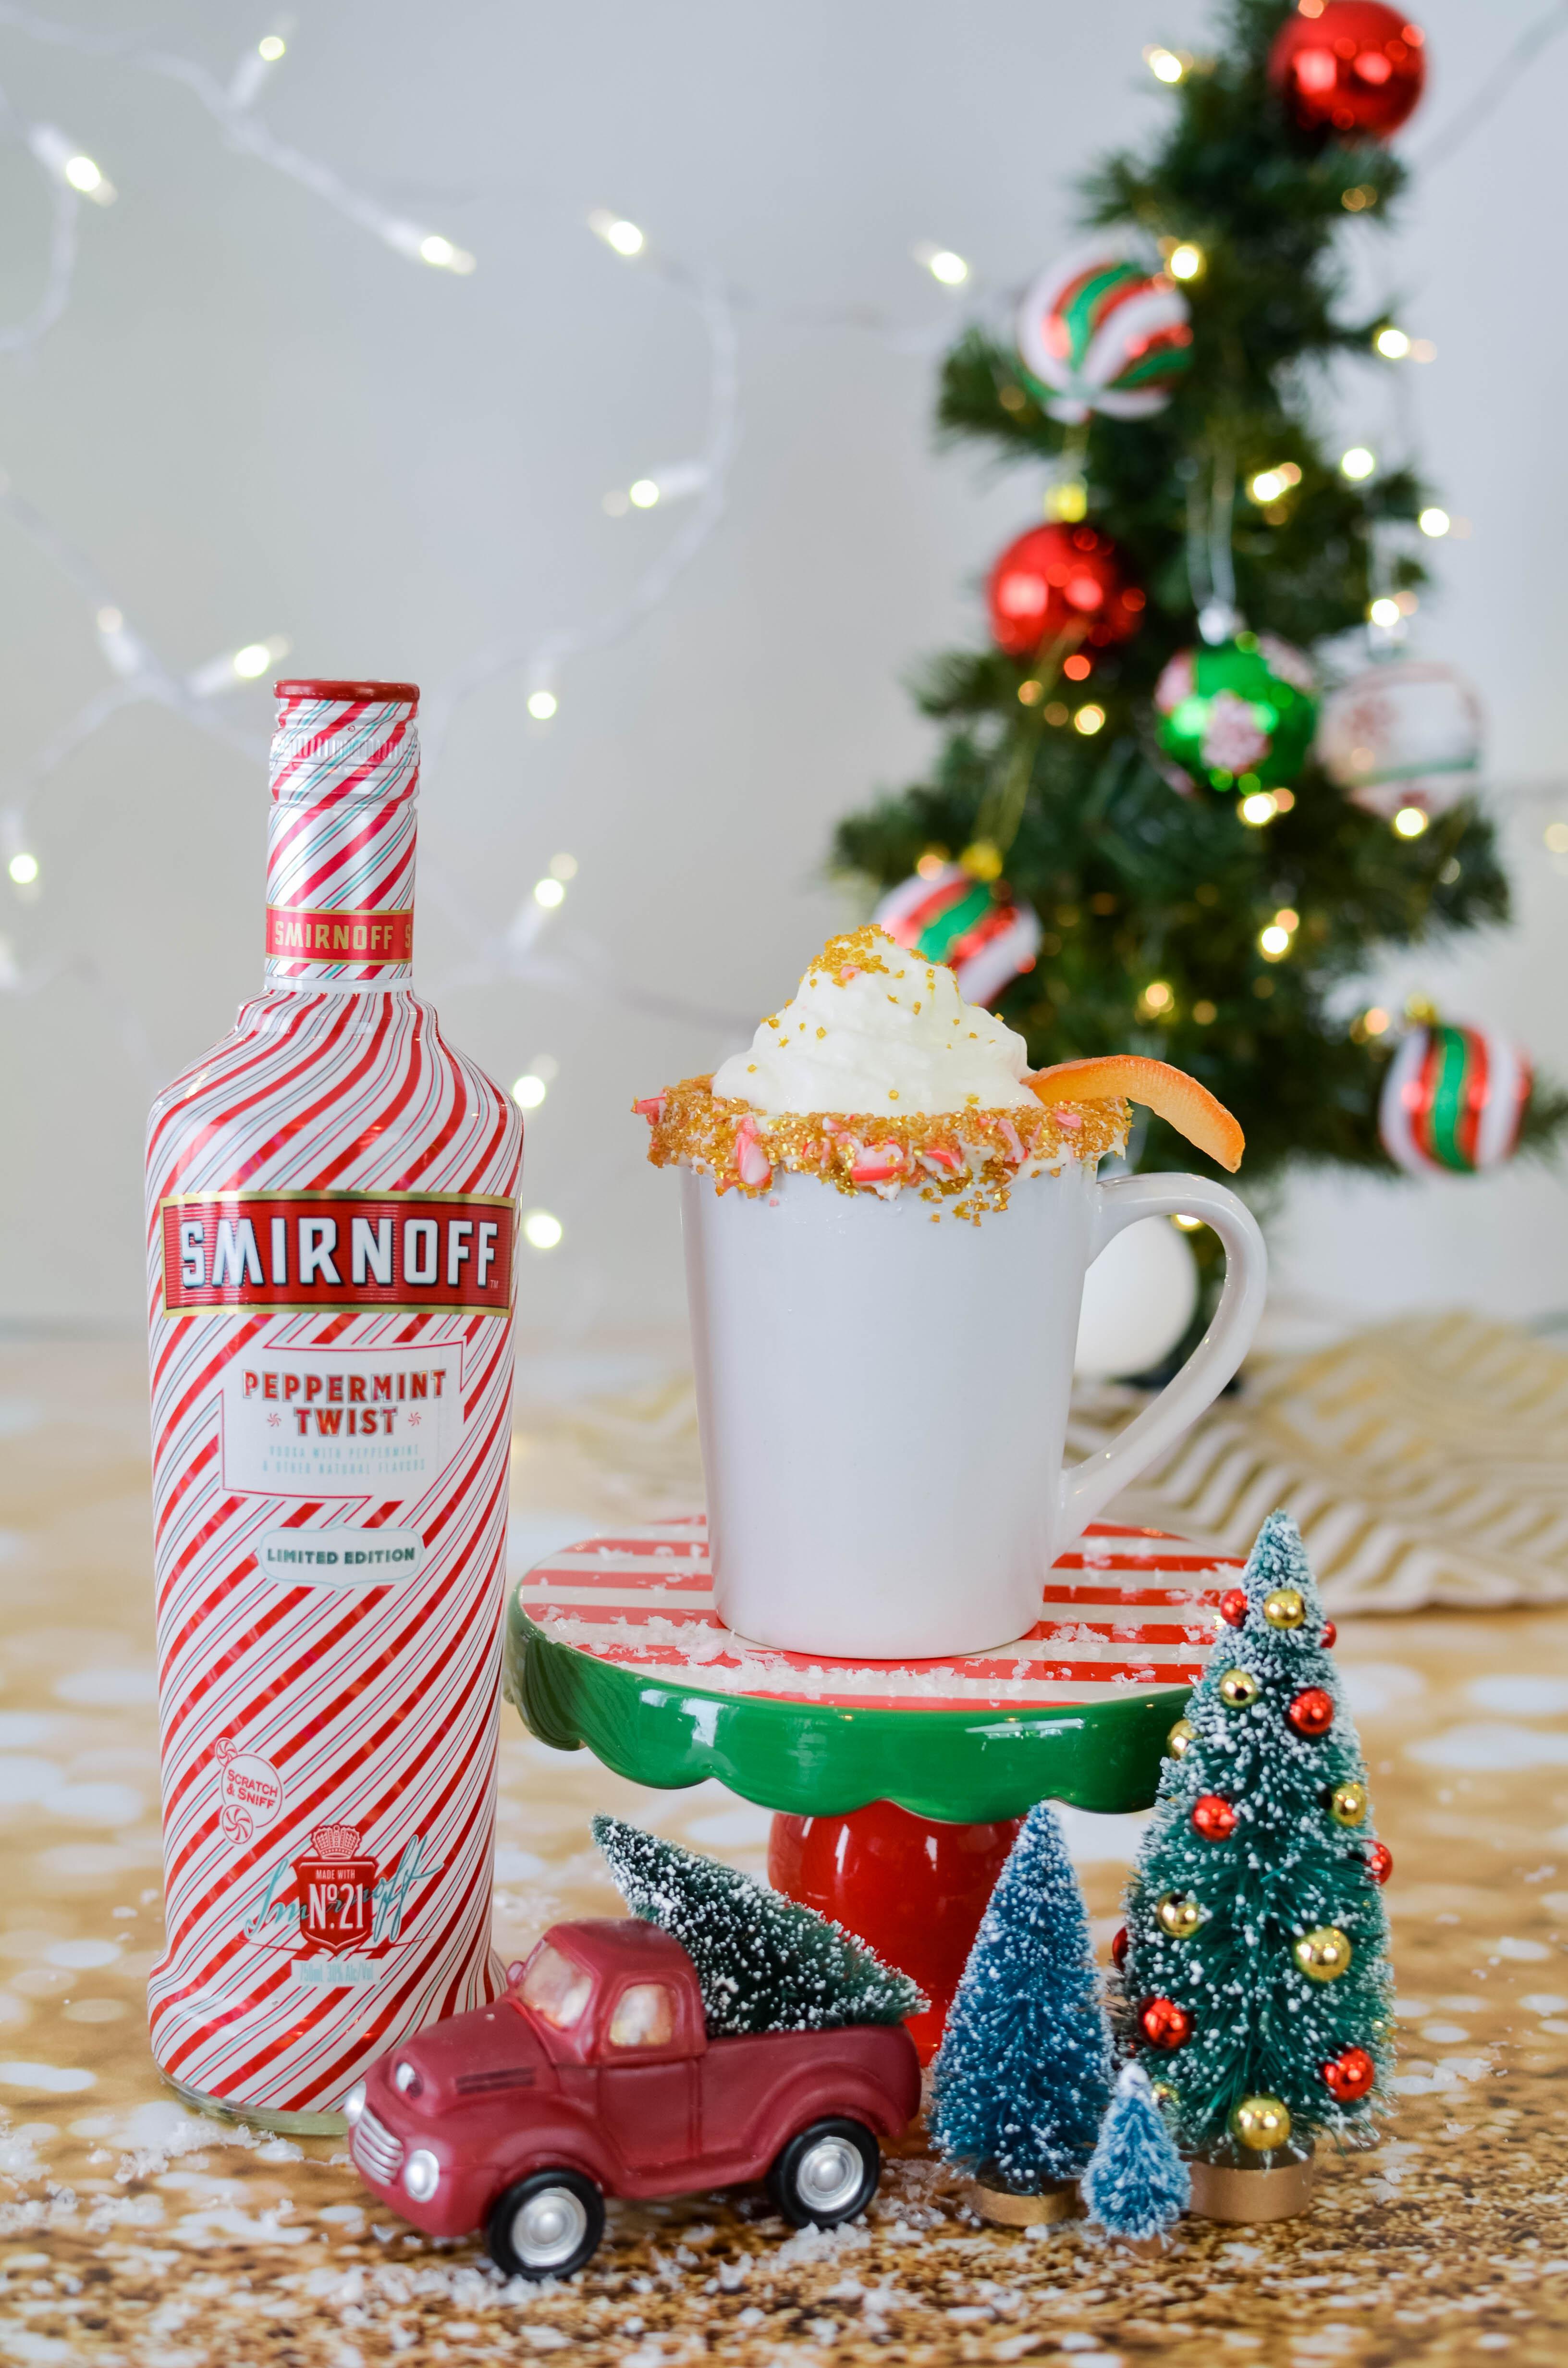 Smirnoff Holiday Gifts